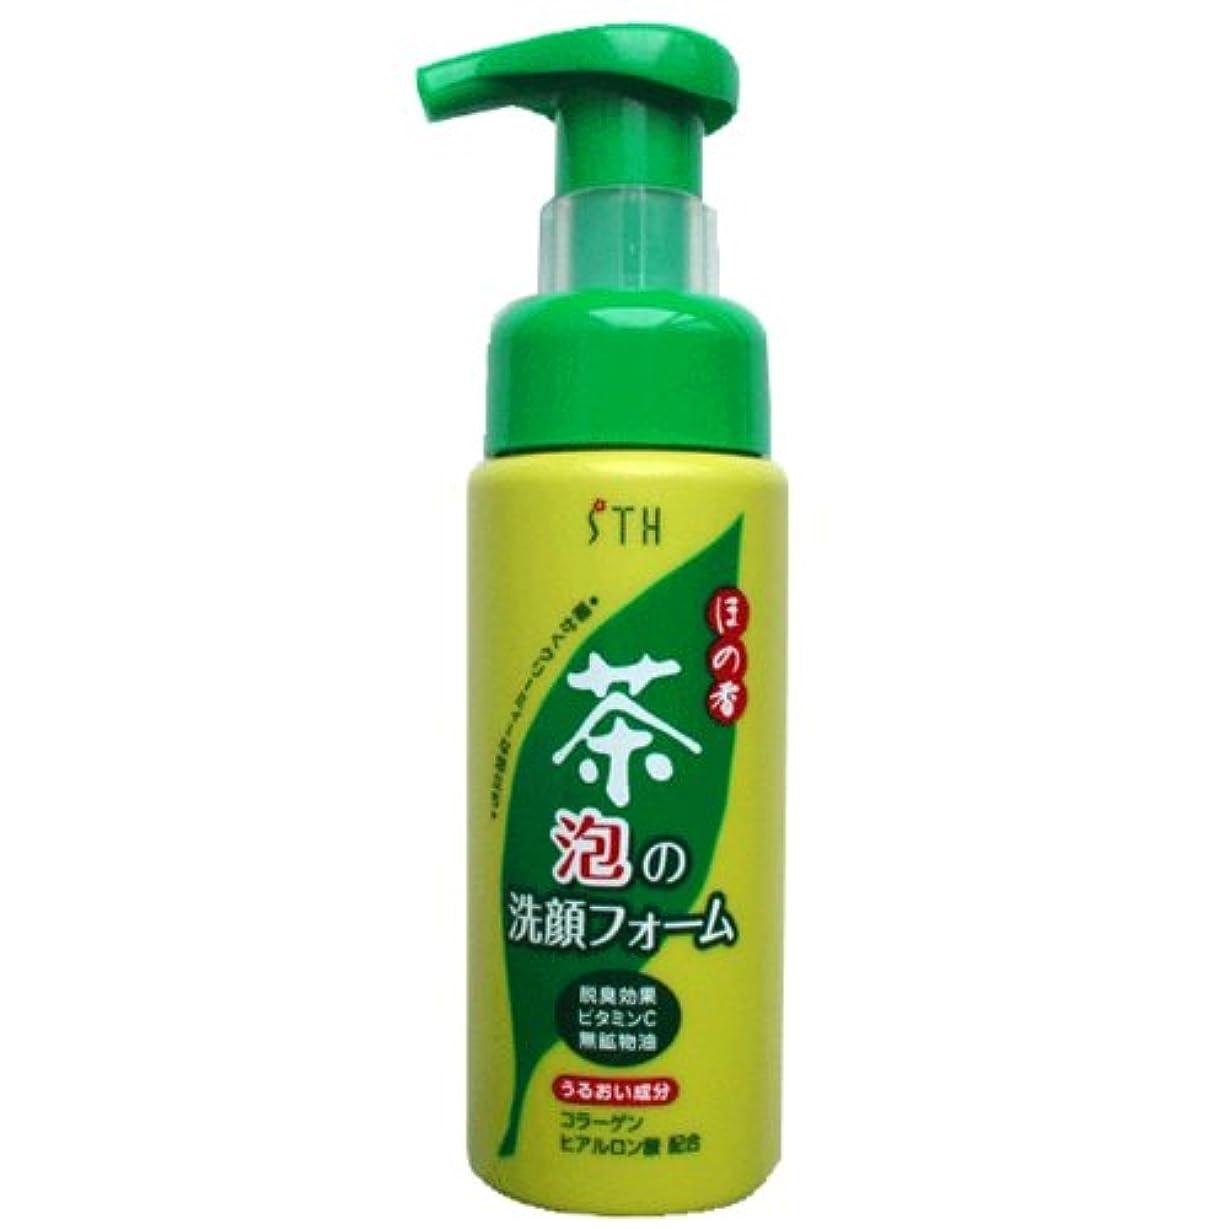 感謝ビリー使い込む茶 泡の洗顔フォーム200ml